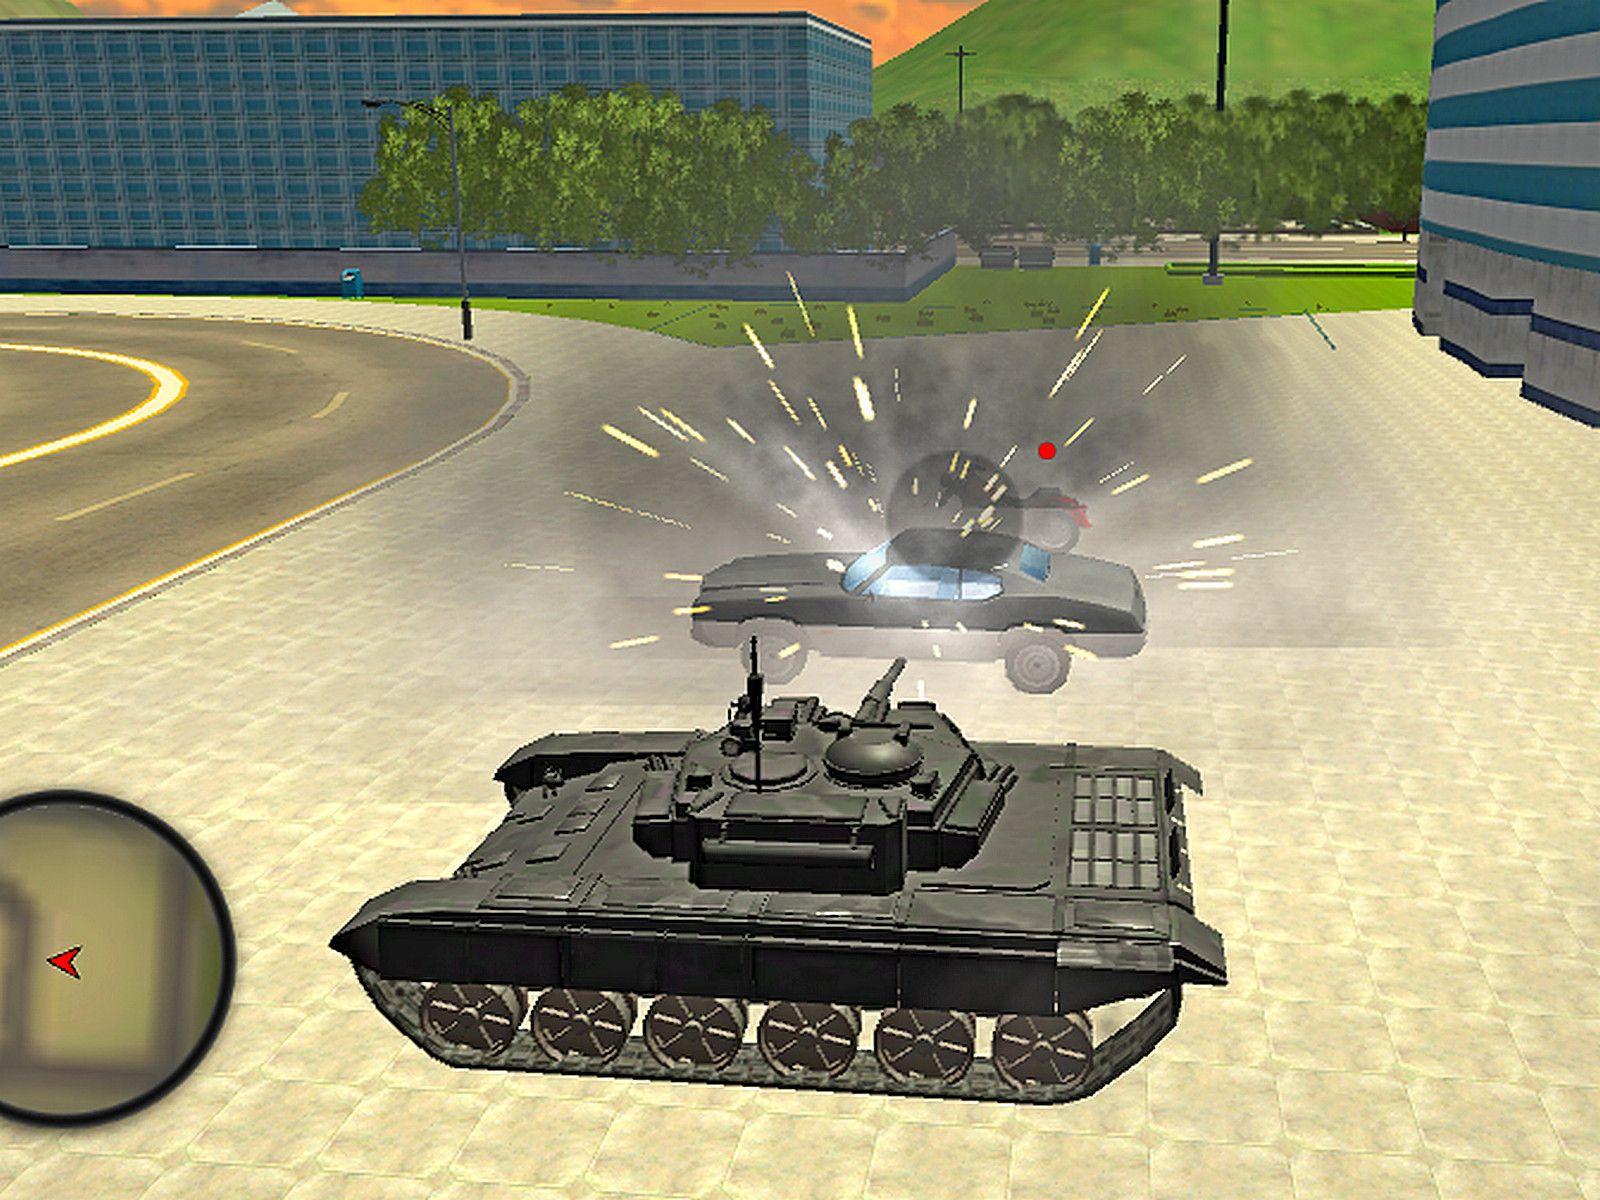 Tank Simulator Game in 2020 Tank simulator, Game of the